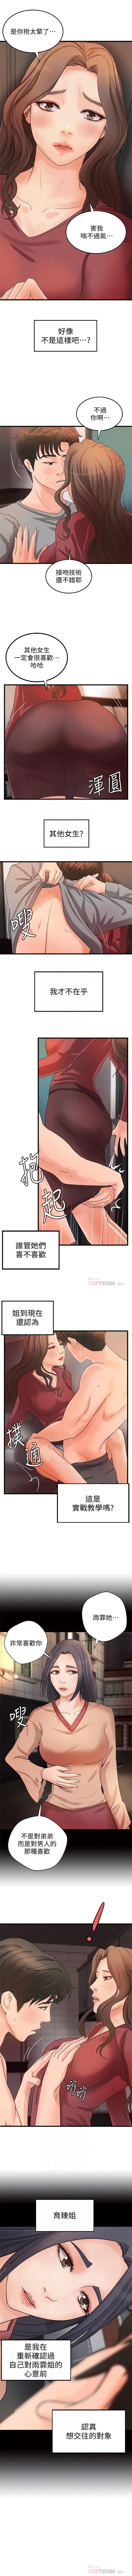 御姐的實戰教學 1-27 官方中文(連載中) 150